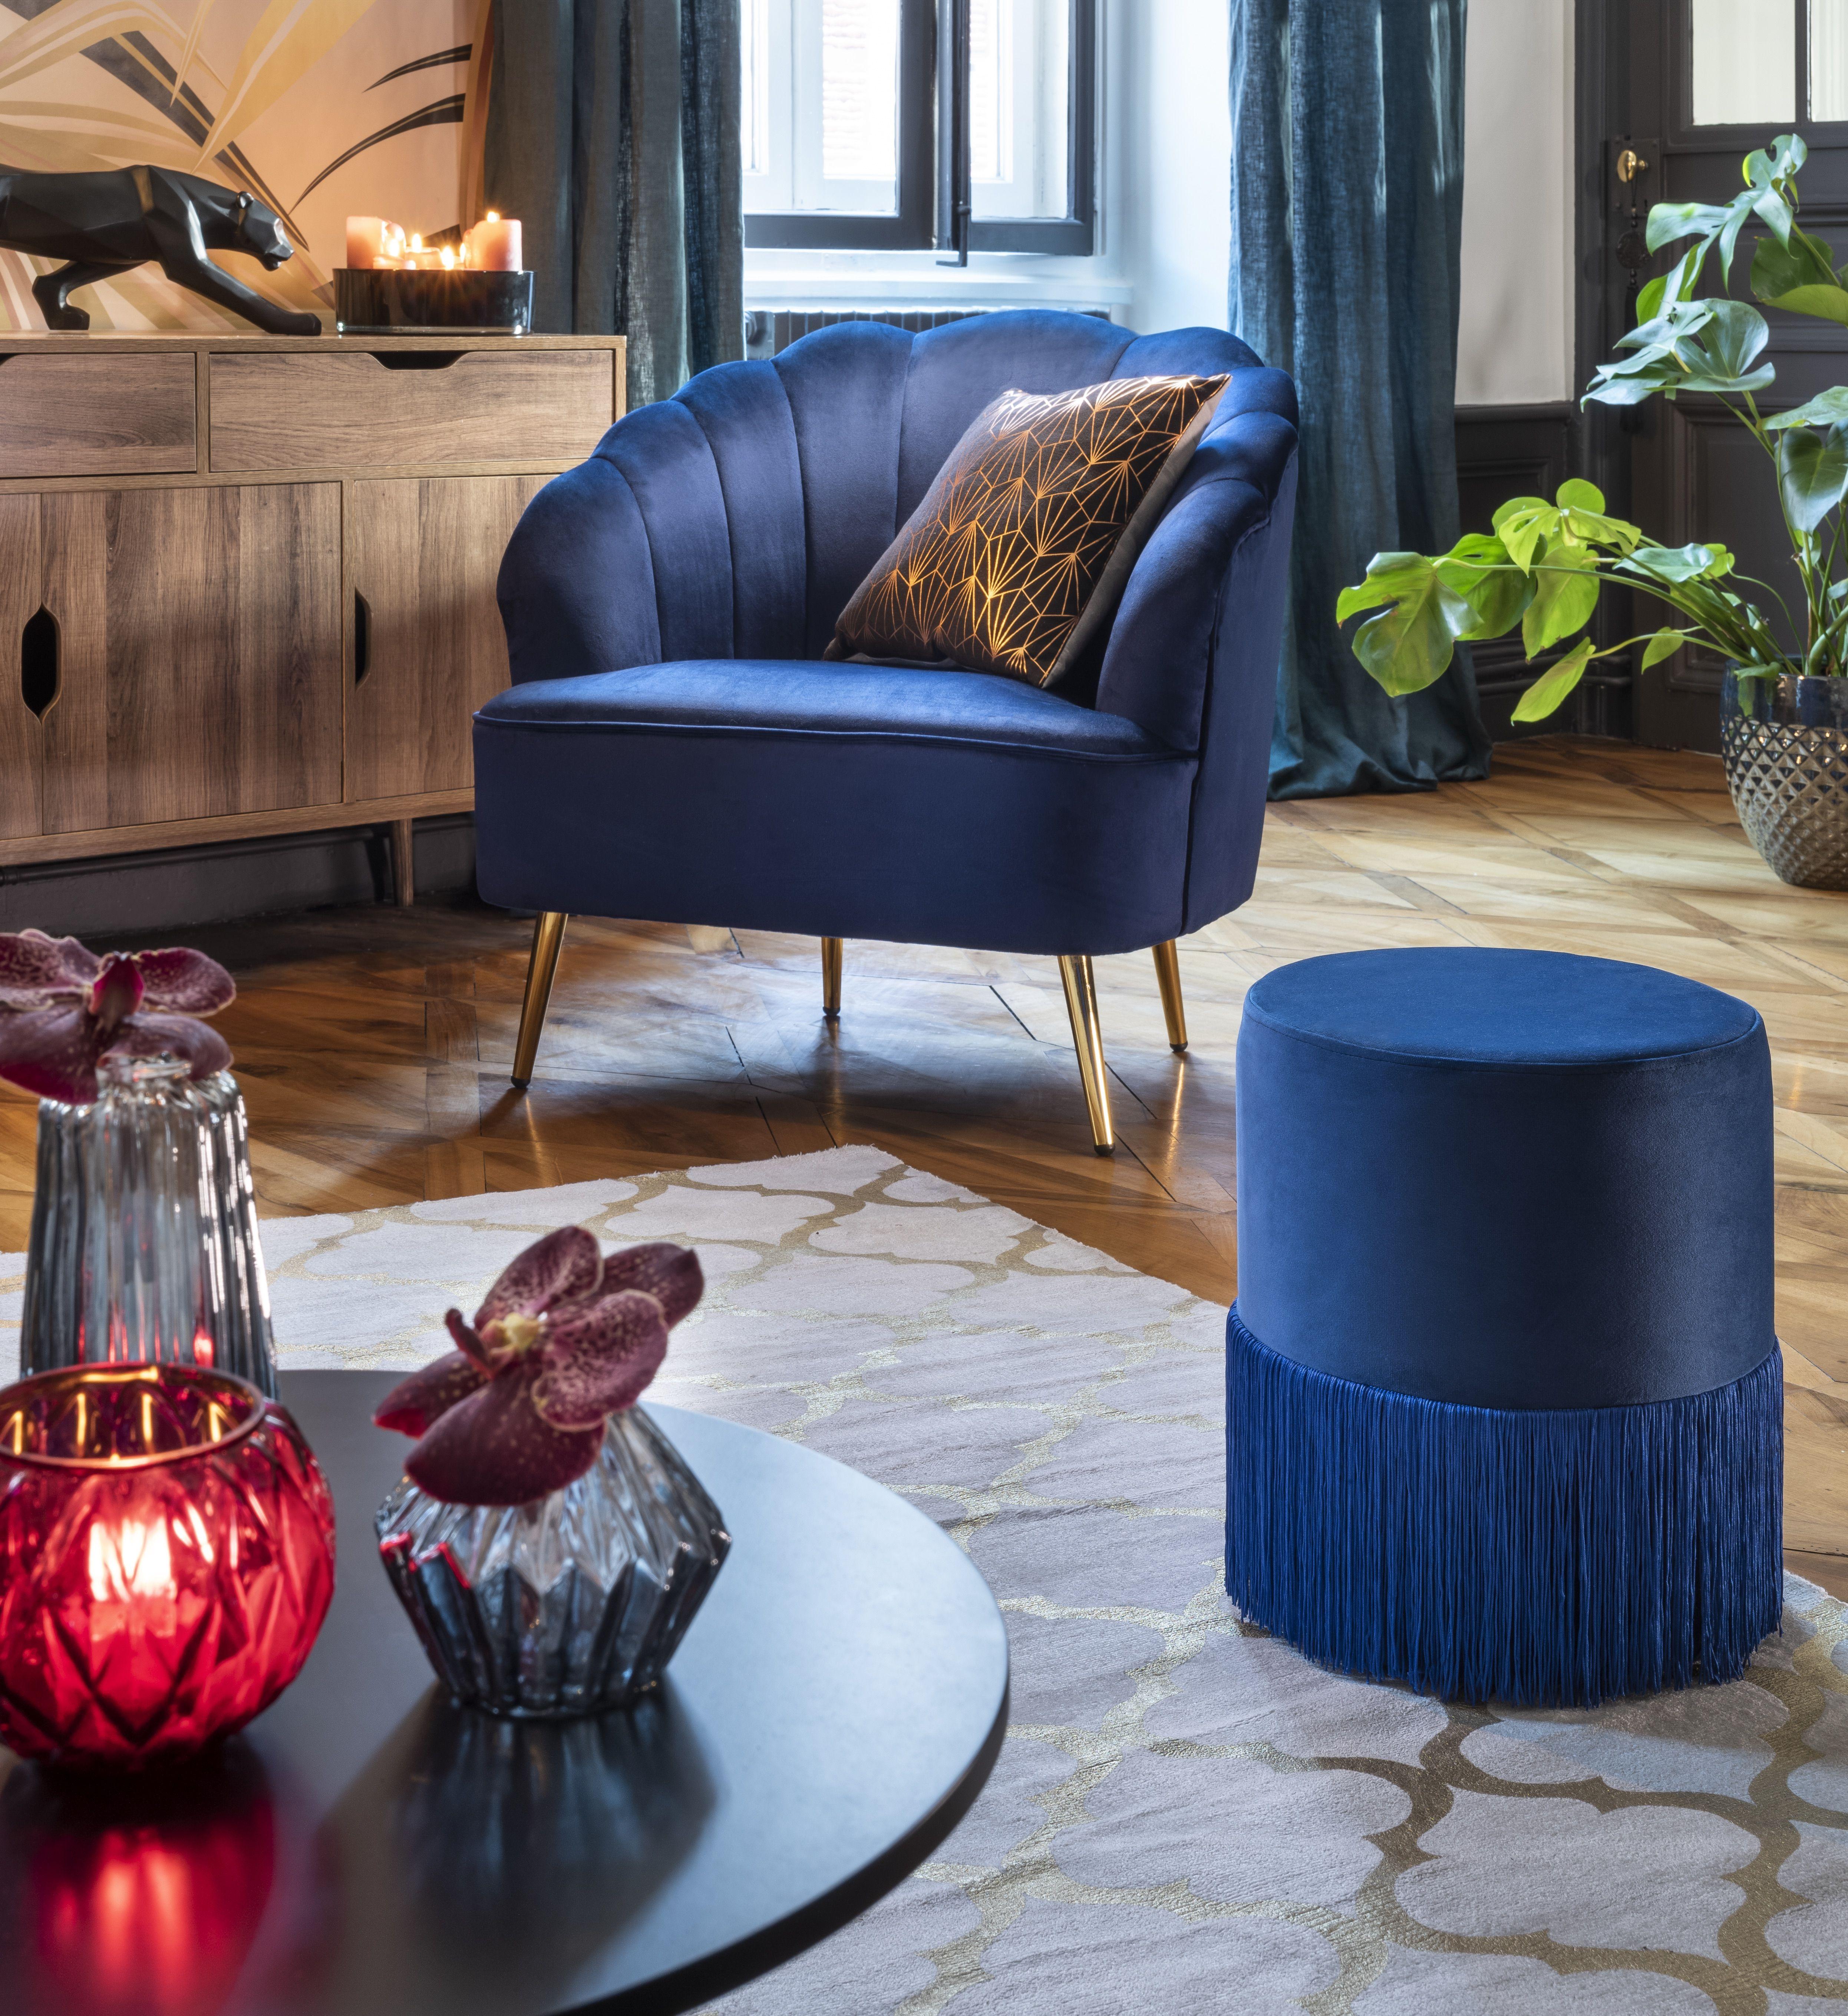 Fauteuil Arielle Velours Bleu Nuit Et Dore Fauteuil Salon Meuble Gifi Meuble Gifi Bleu Nuit Table De Nuit